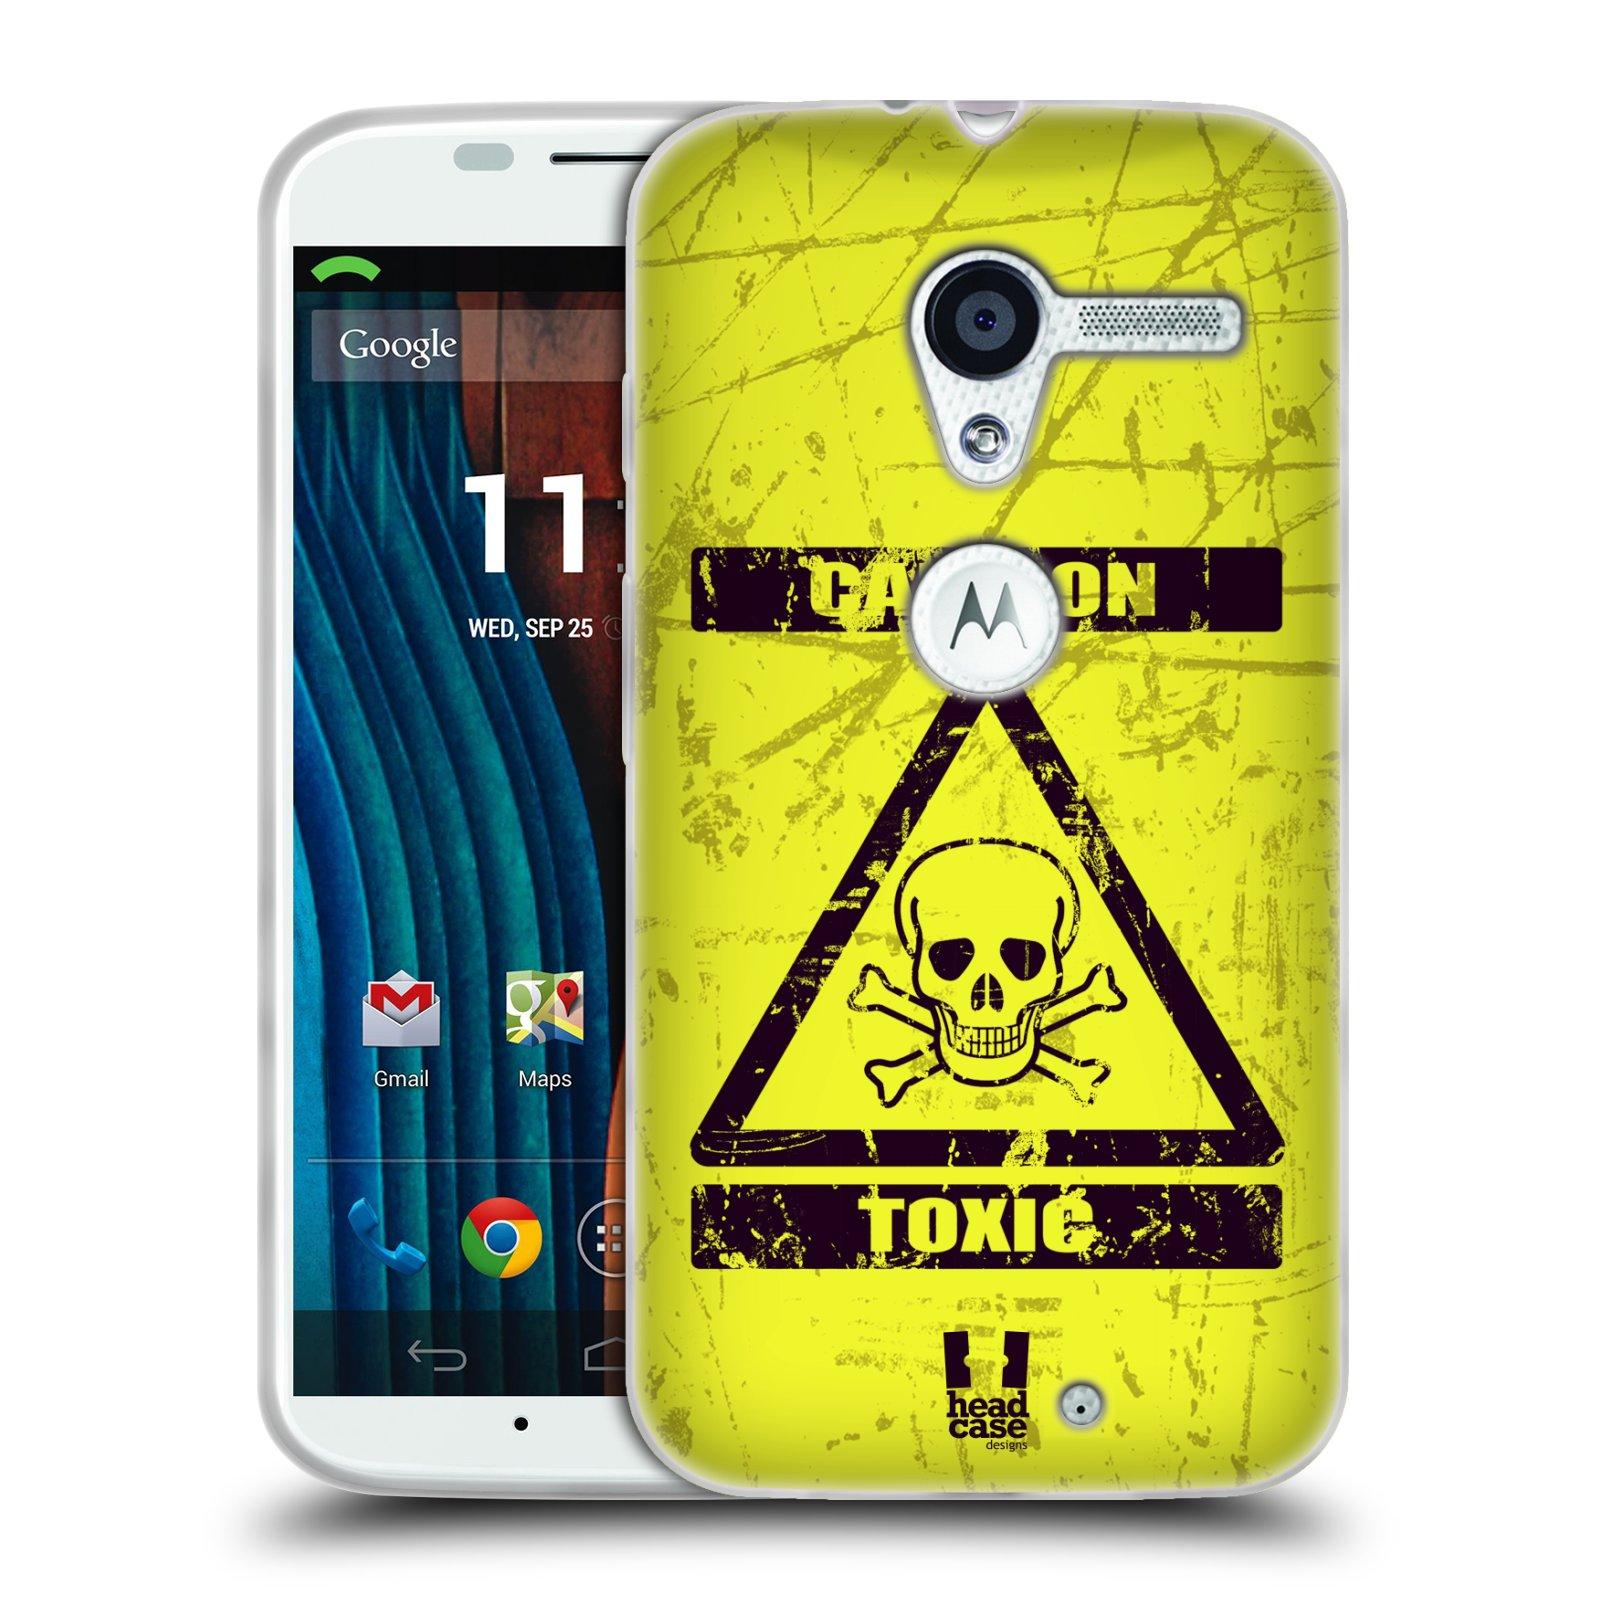 Silikonové pouzdro na mobil Motorola Moto X HEAD CASE TOXIC (Silikonový kryt či obal na mobilní telefon Motorola Moto X)